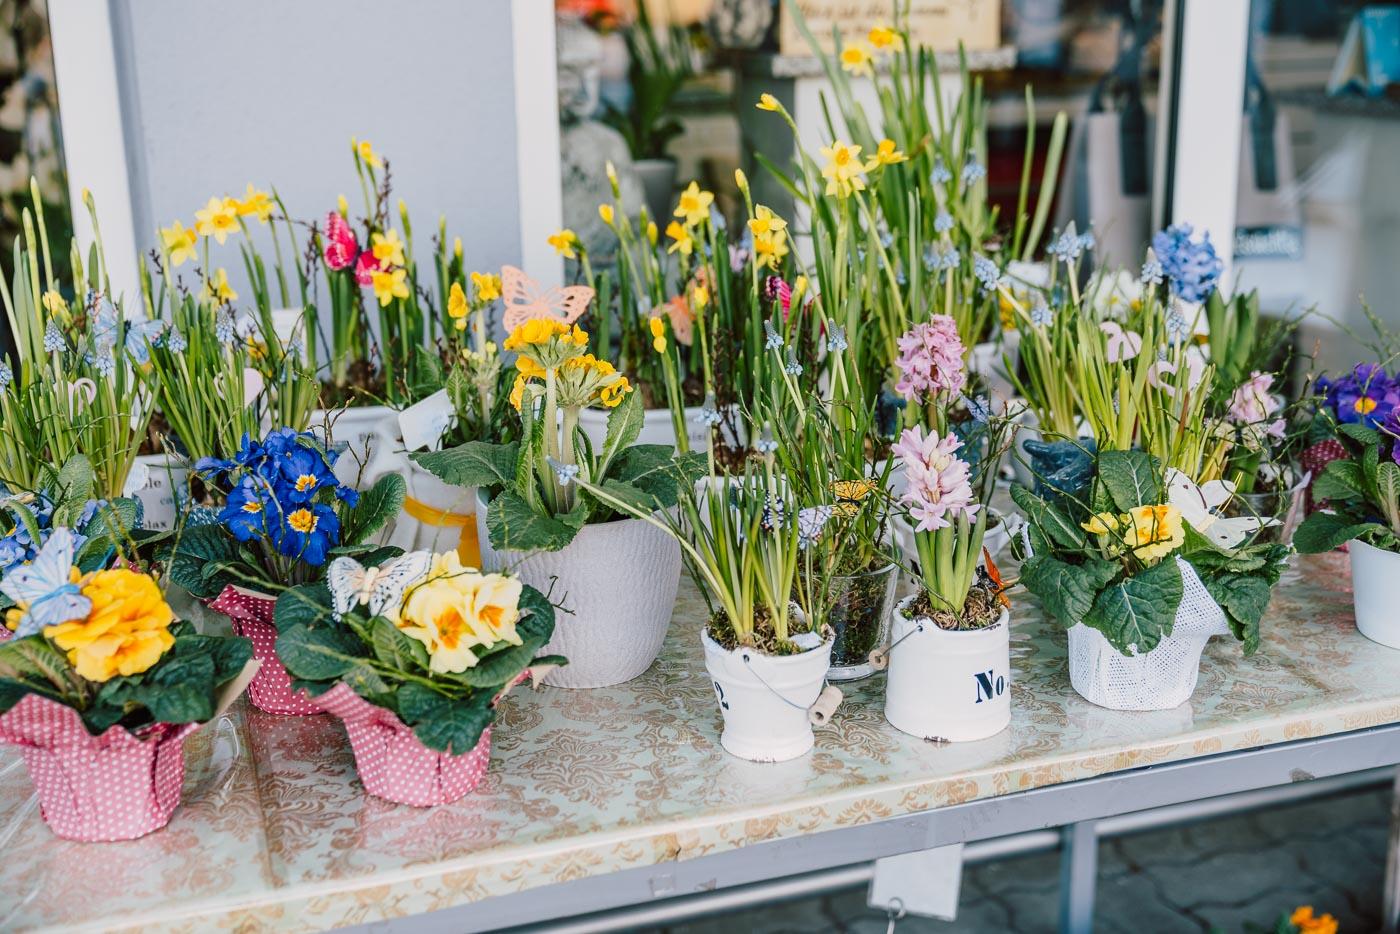 Blumen-Gaby-Strohmeier-saisonales-feb20-23